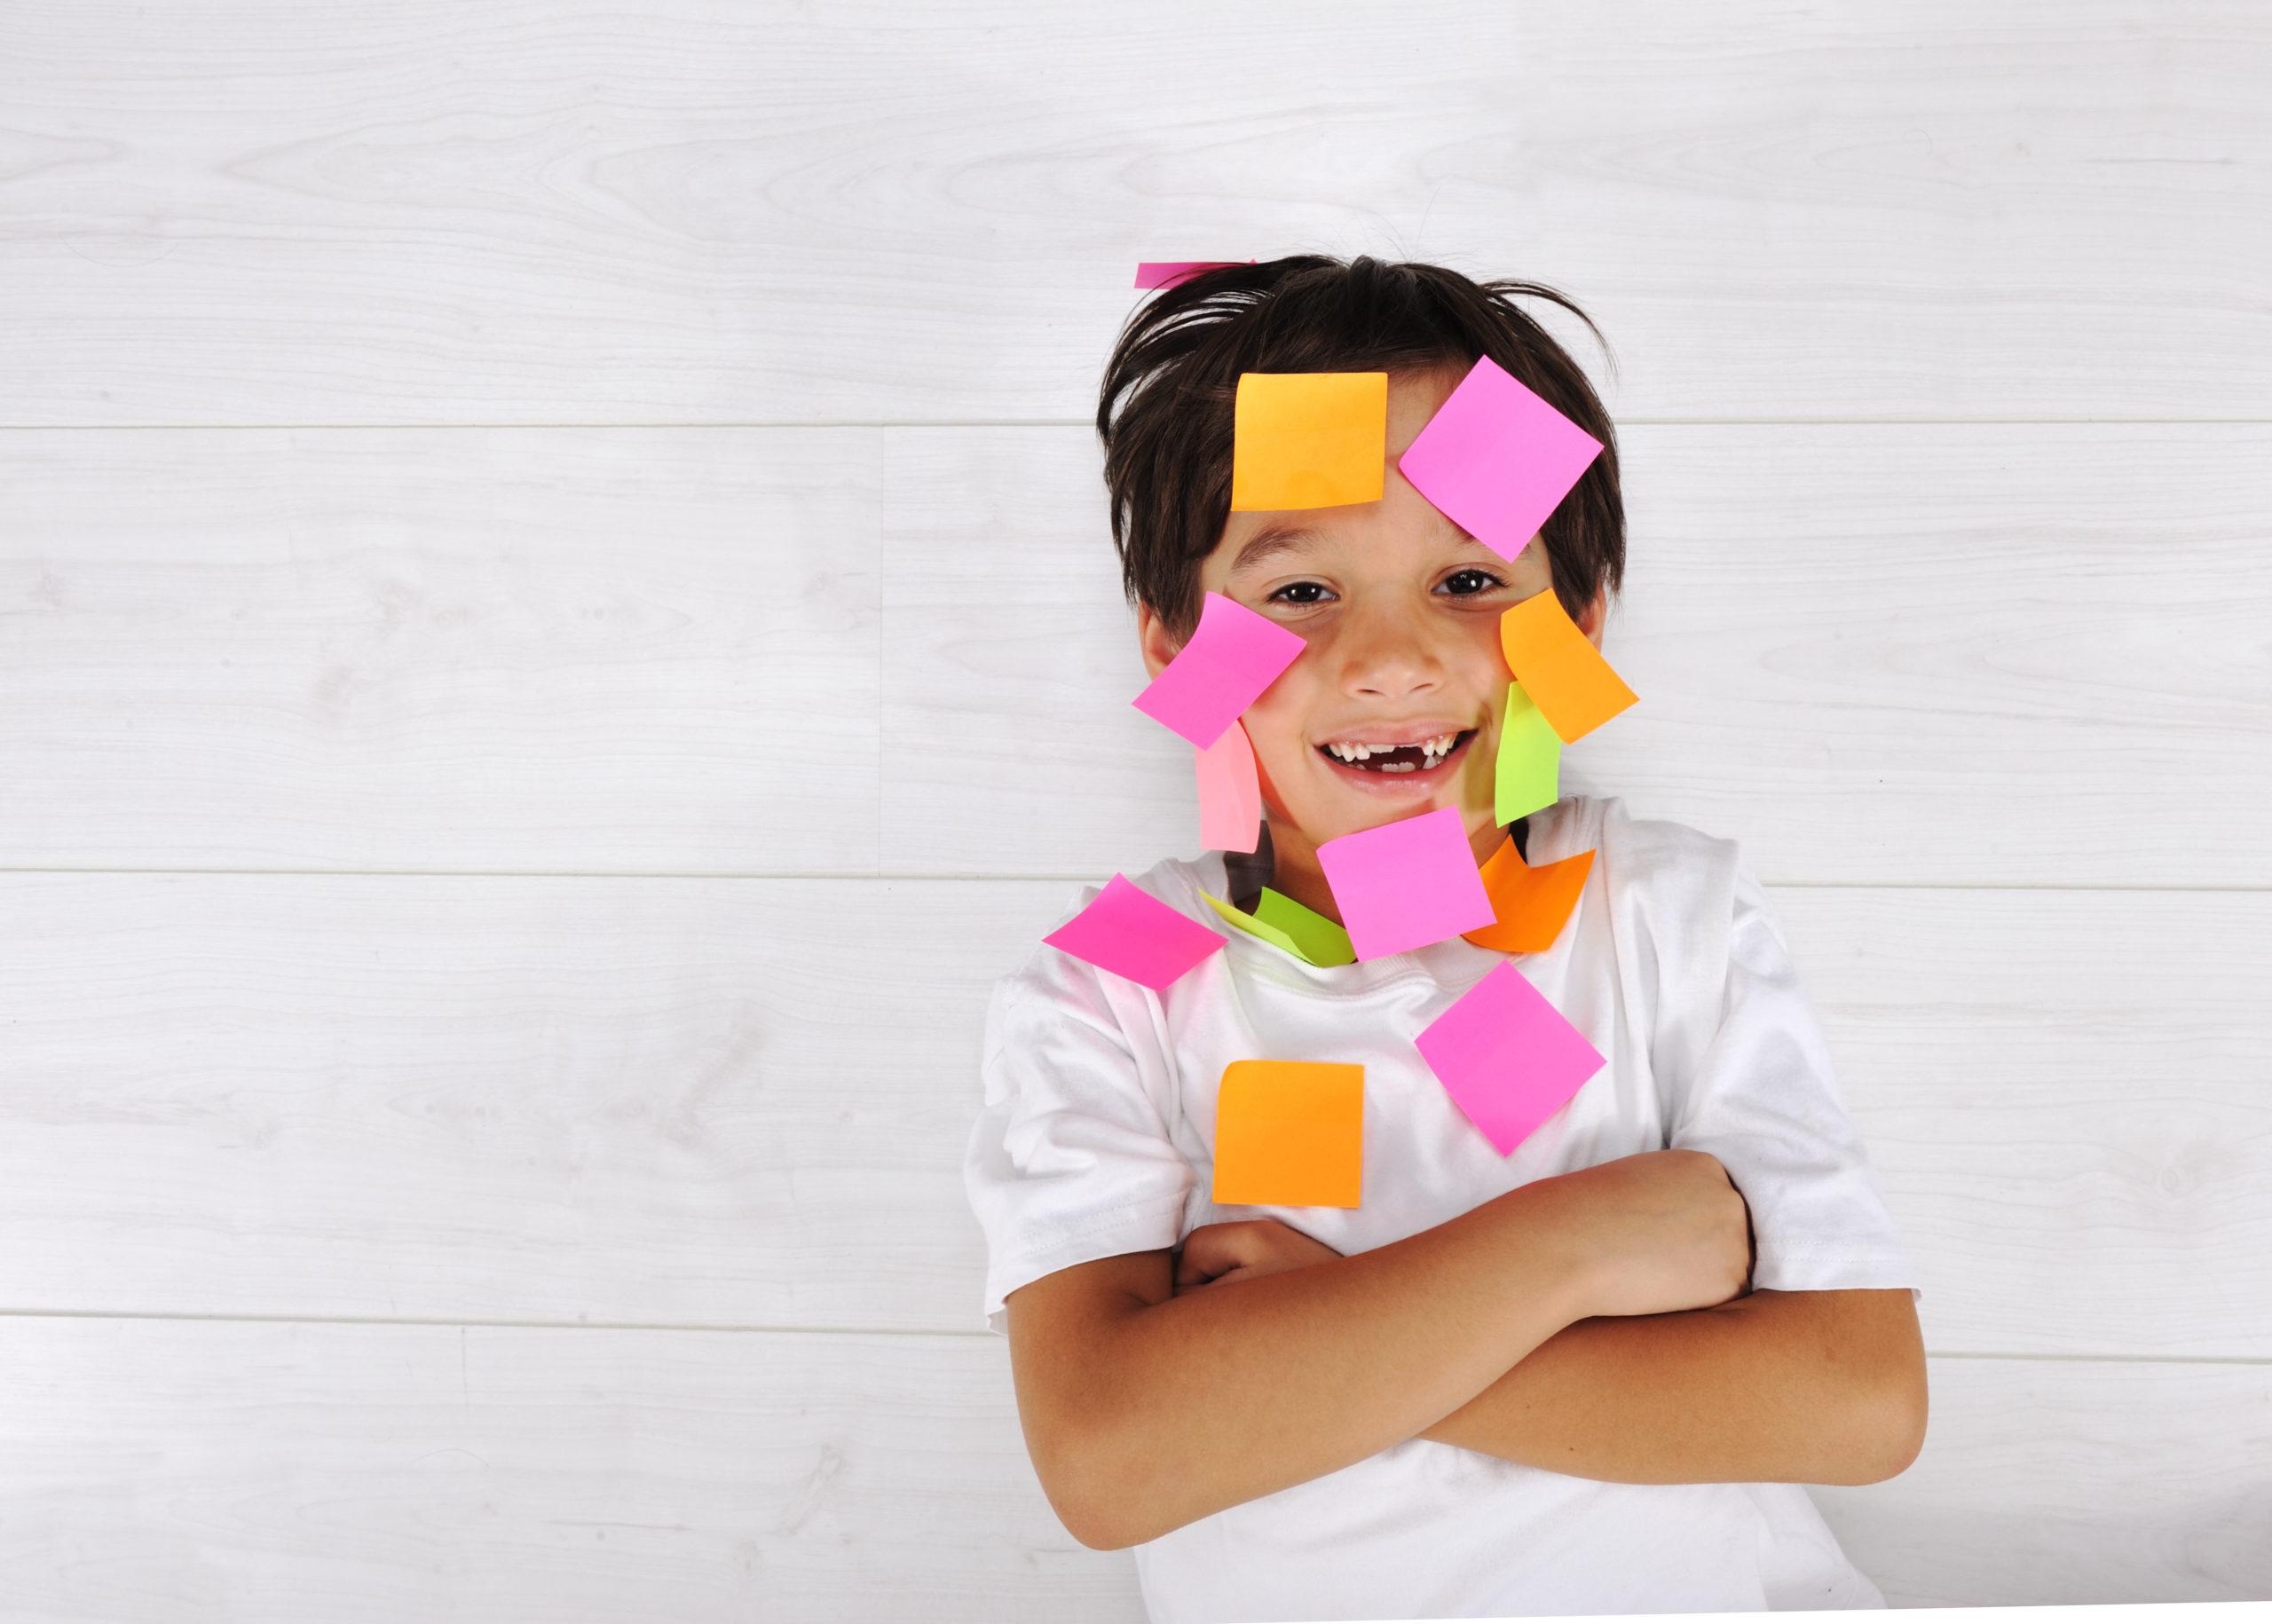 We delen 7 waardevolle rekentips zodat jouw kind met plezier leert. Simpele tips die makkelijk toepasbaar zijn voor de rekenvaardigheid.